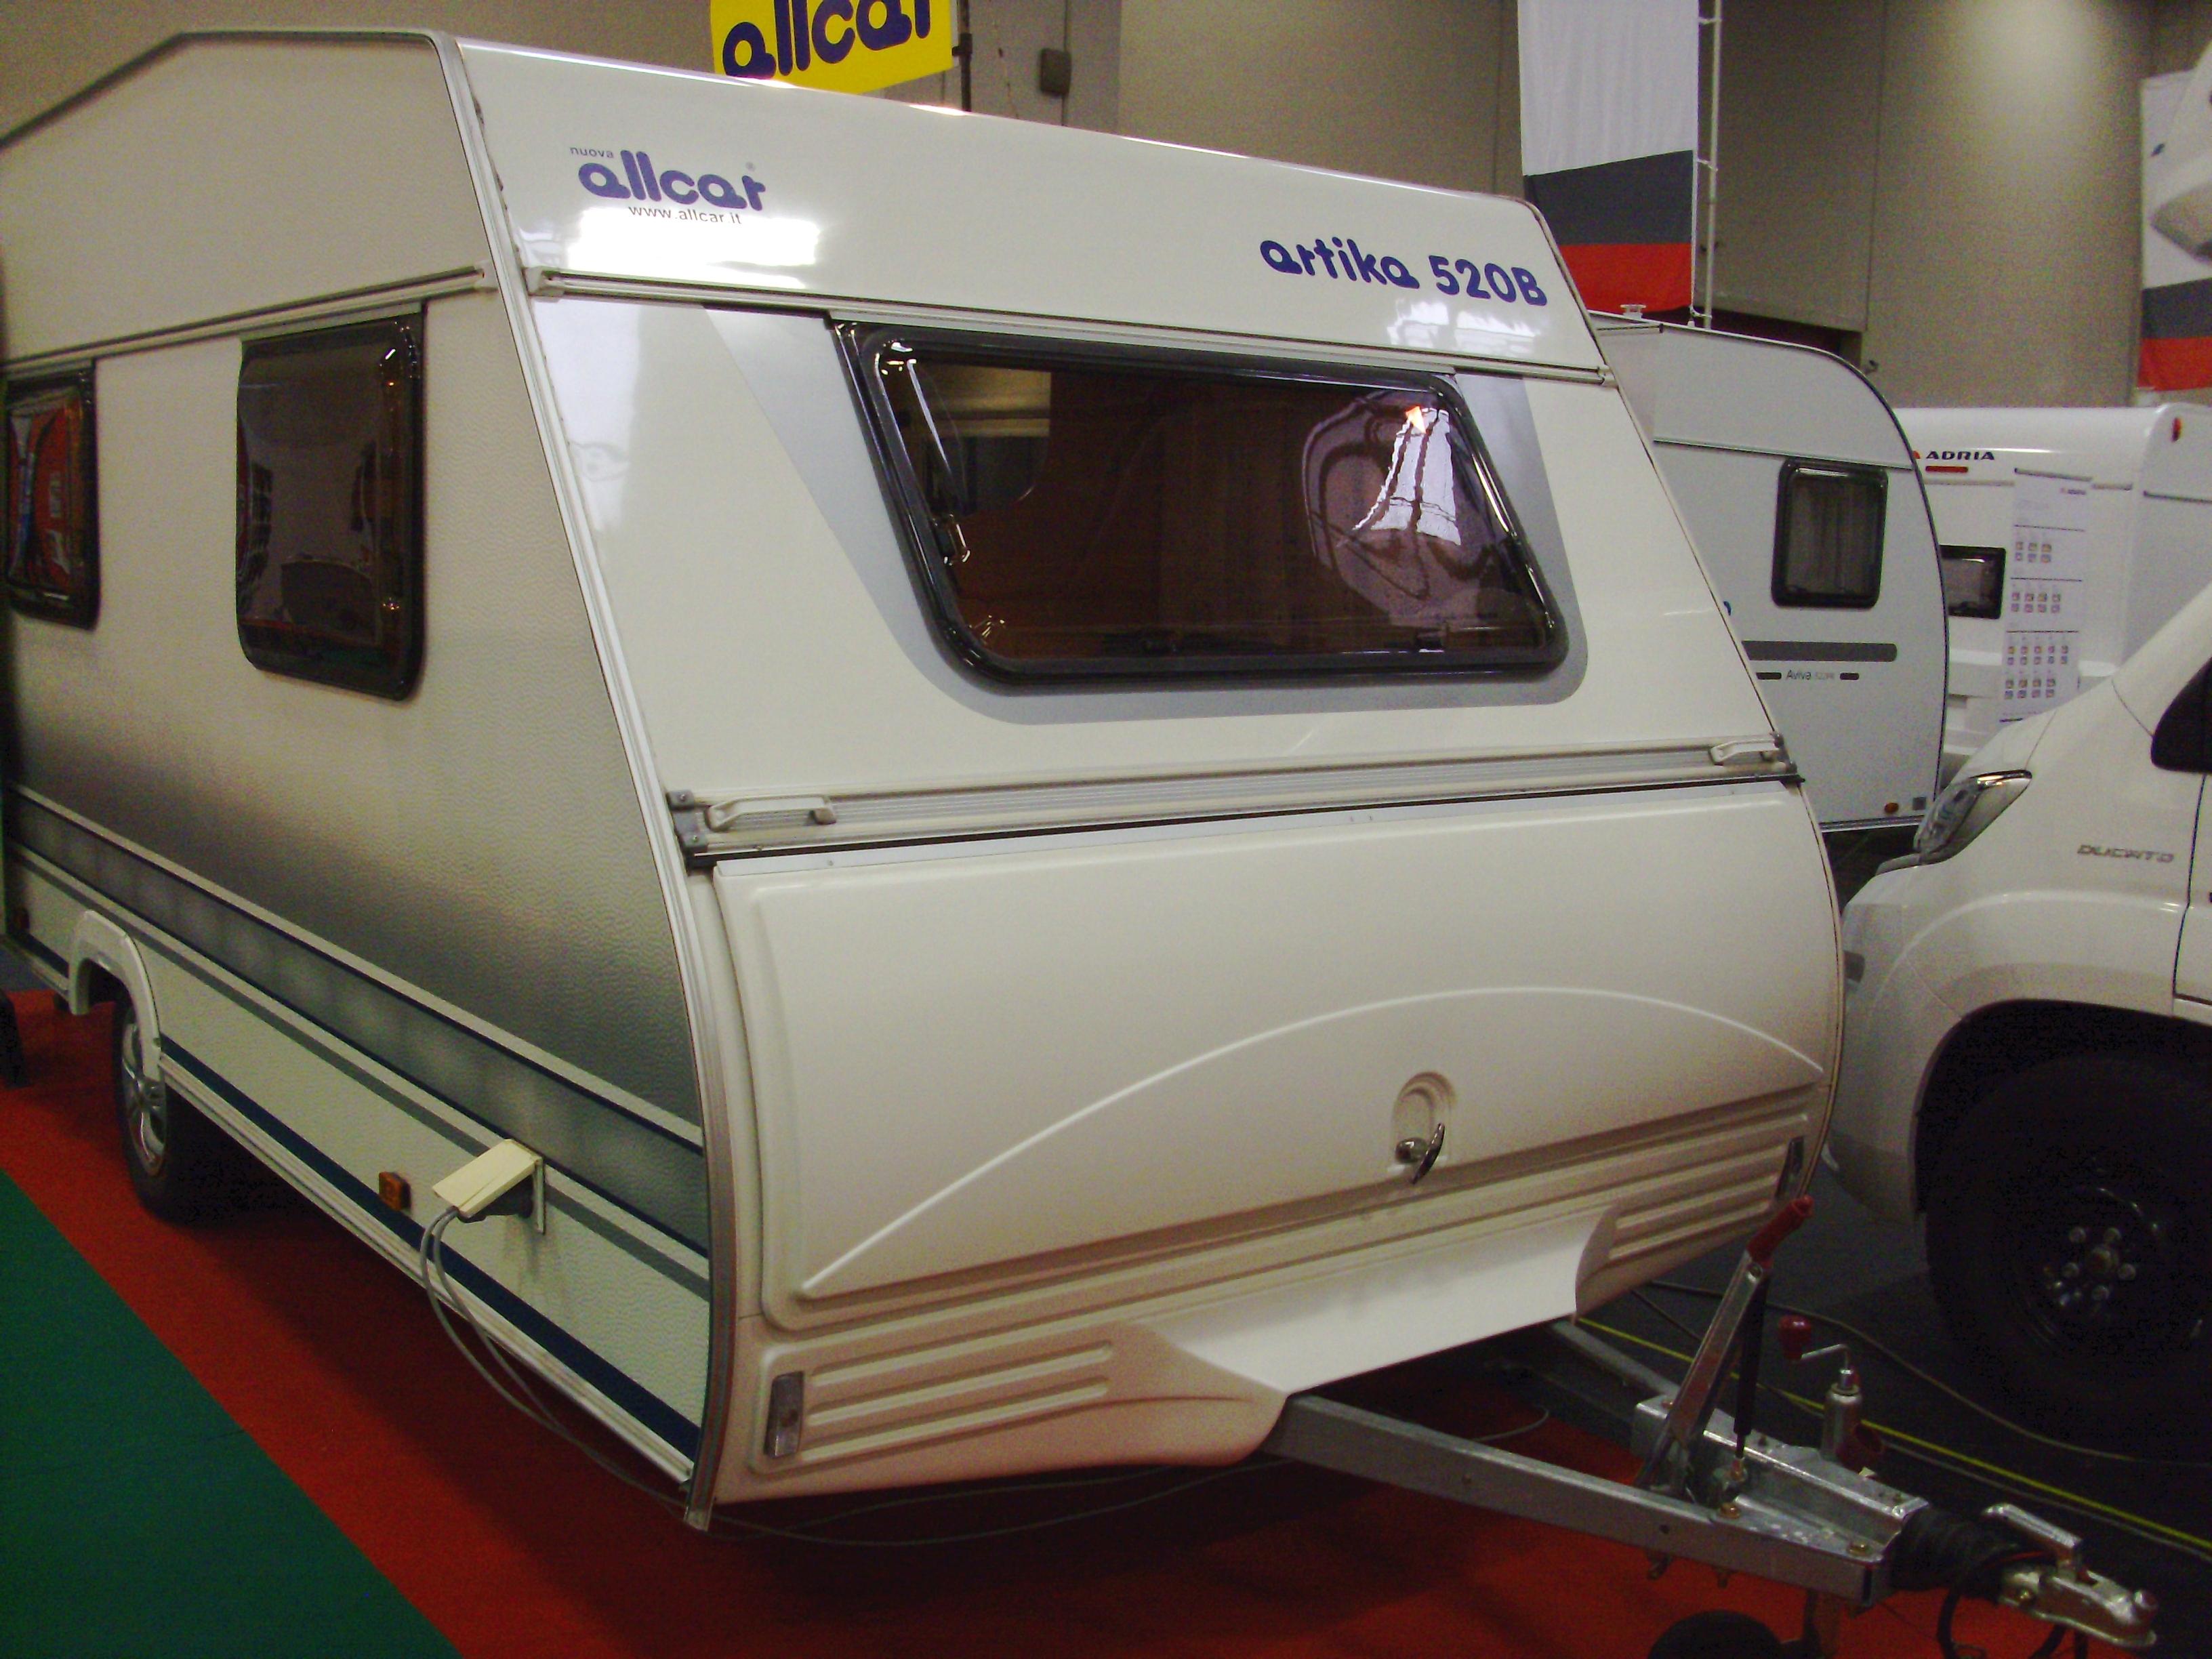 caravan Allcar Artika 370 e 520 b